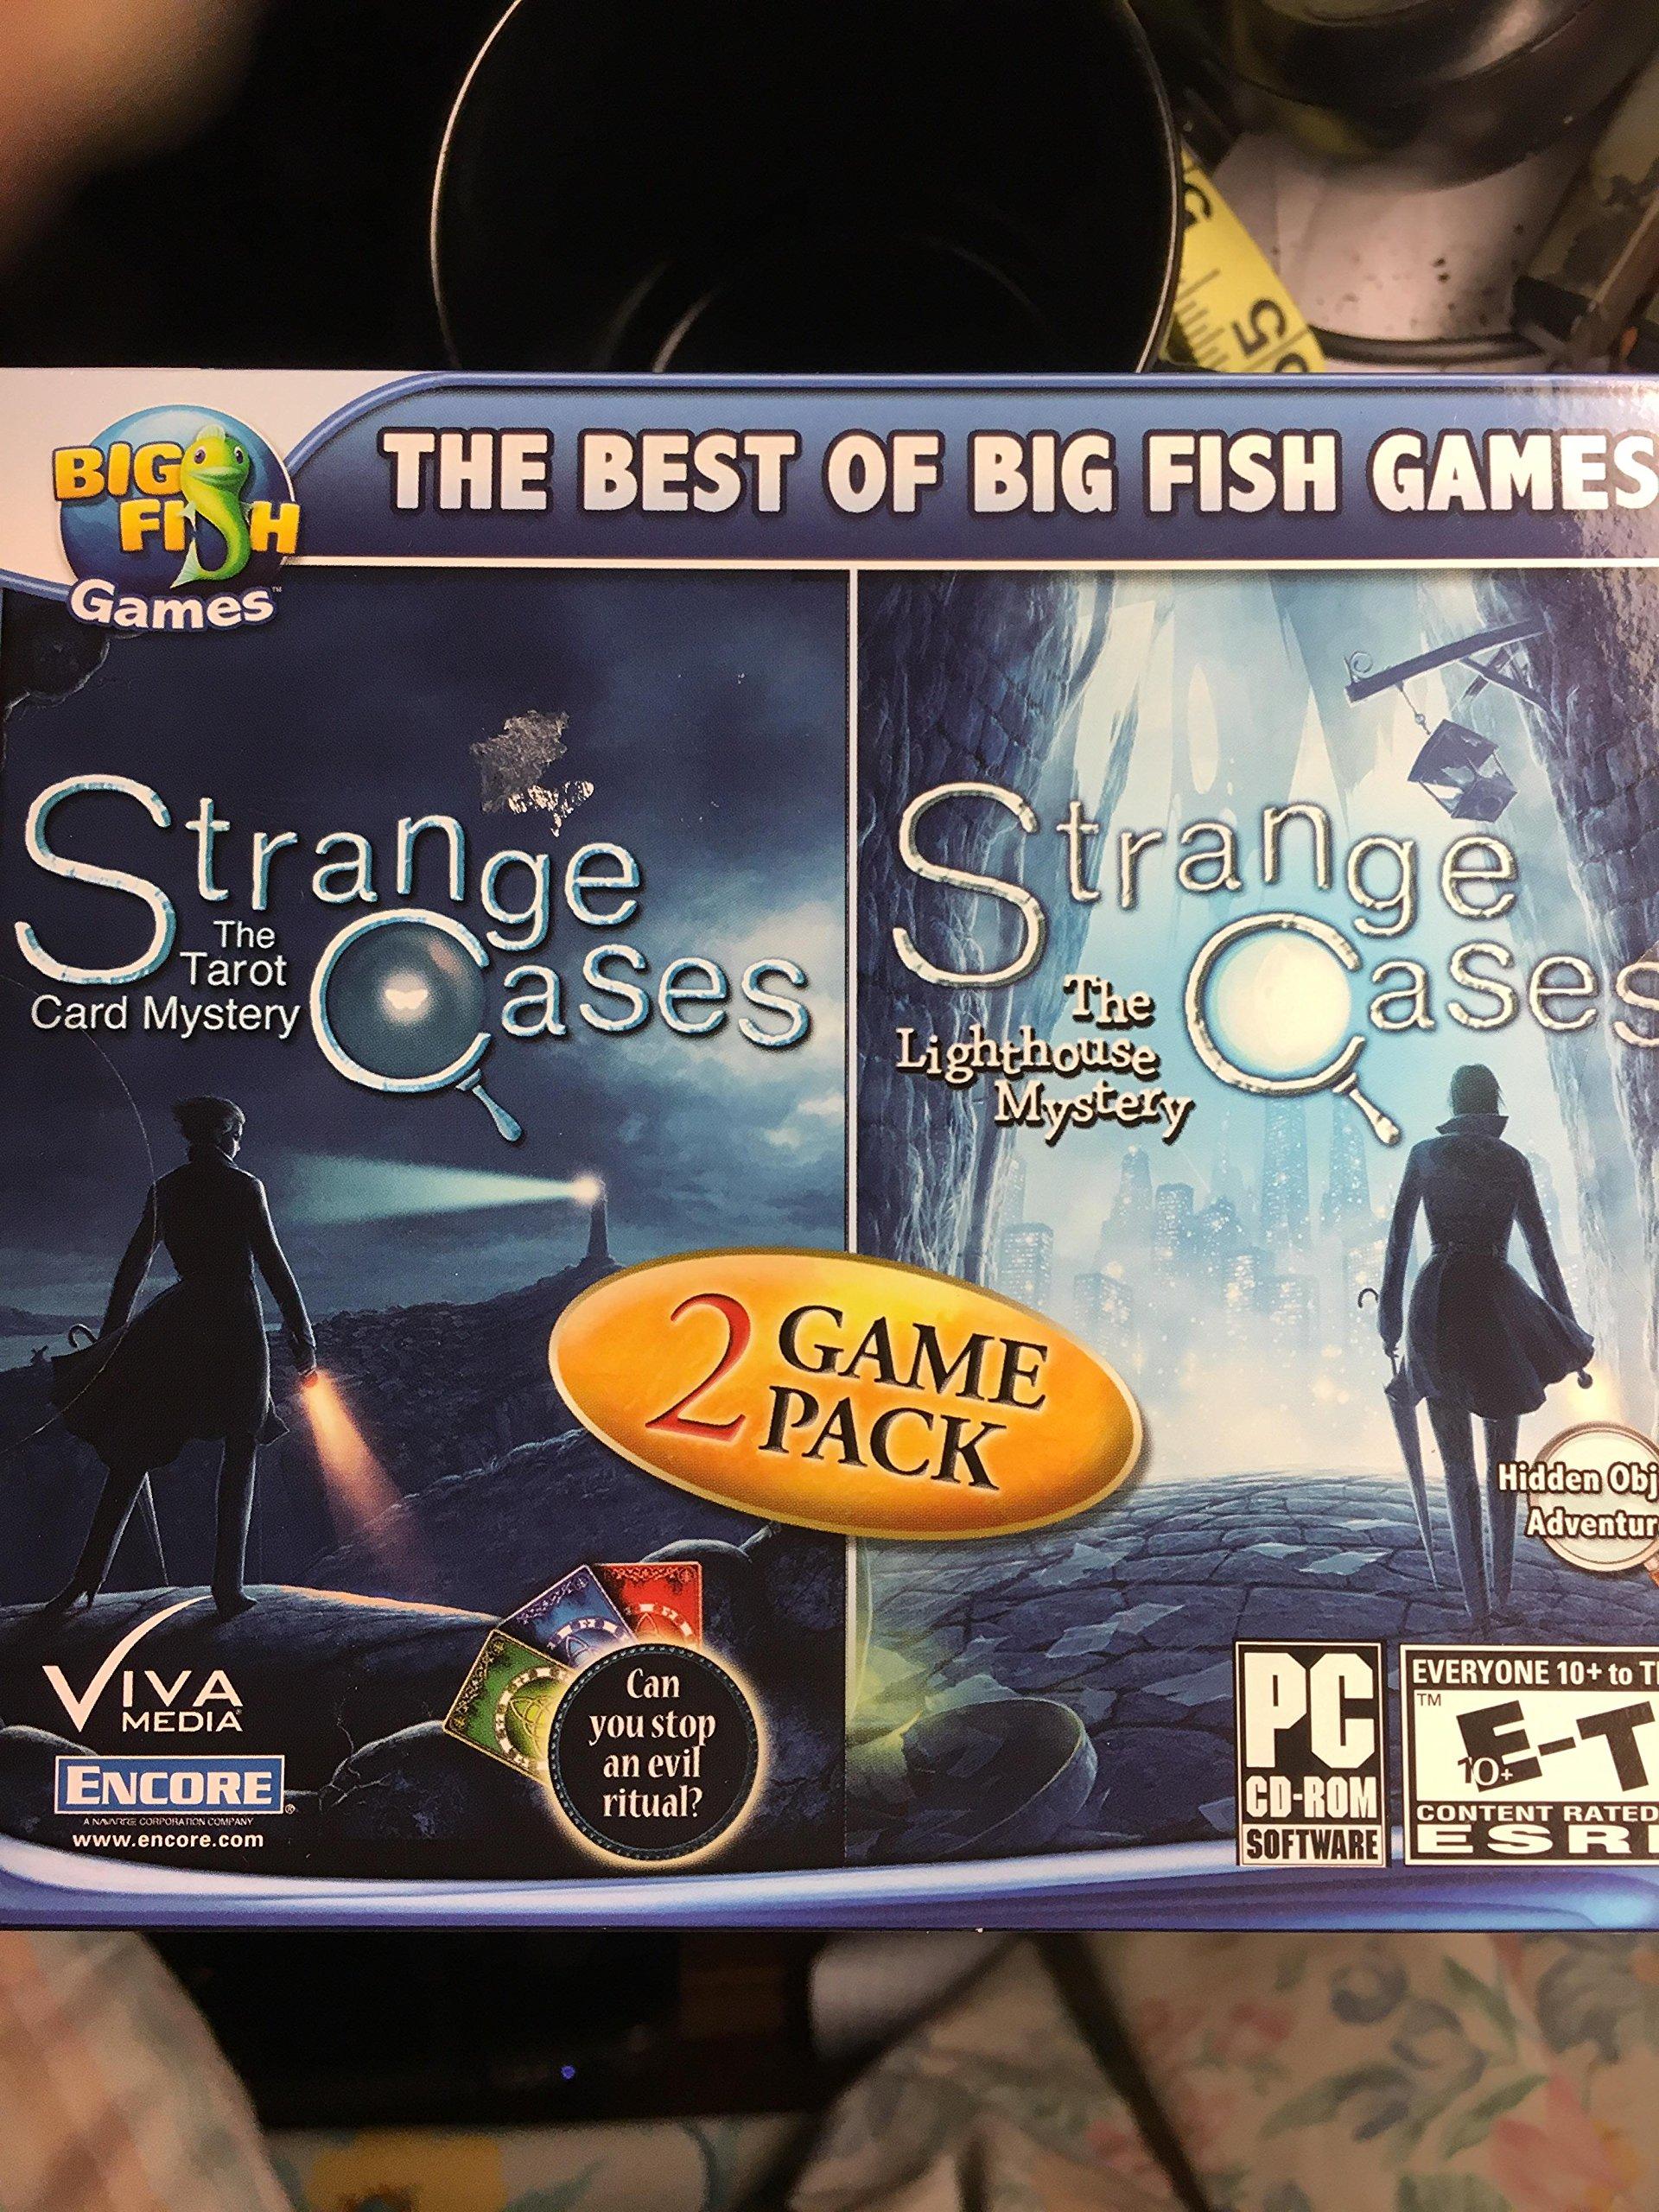 strange cases the tarot card mystery strange cases the